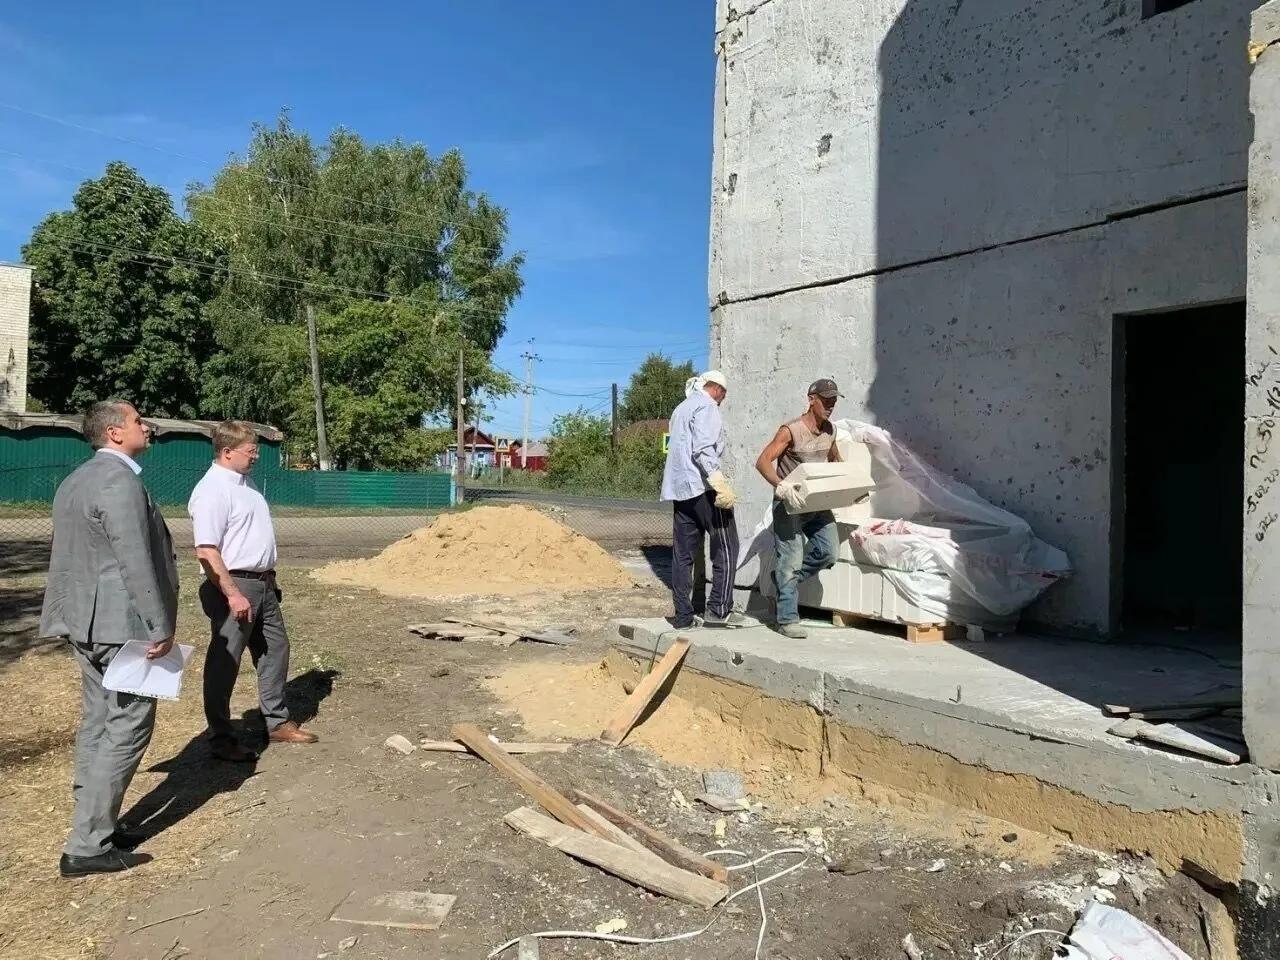 В Петровске продолжается возведение дома для детей-сирот и детей, оставшихся без попечения родителей